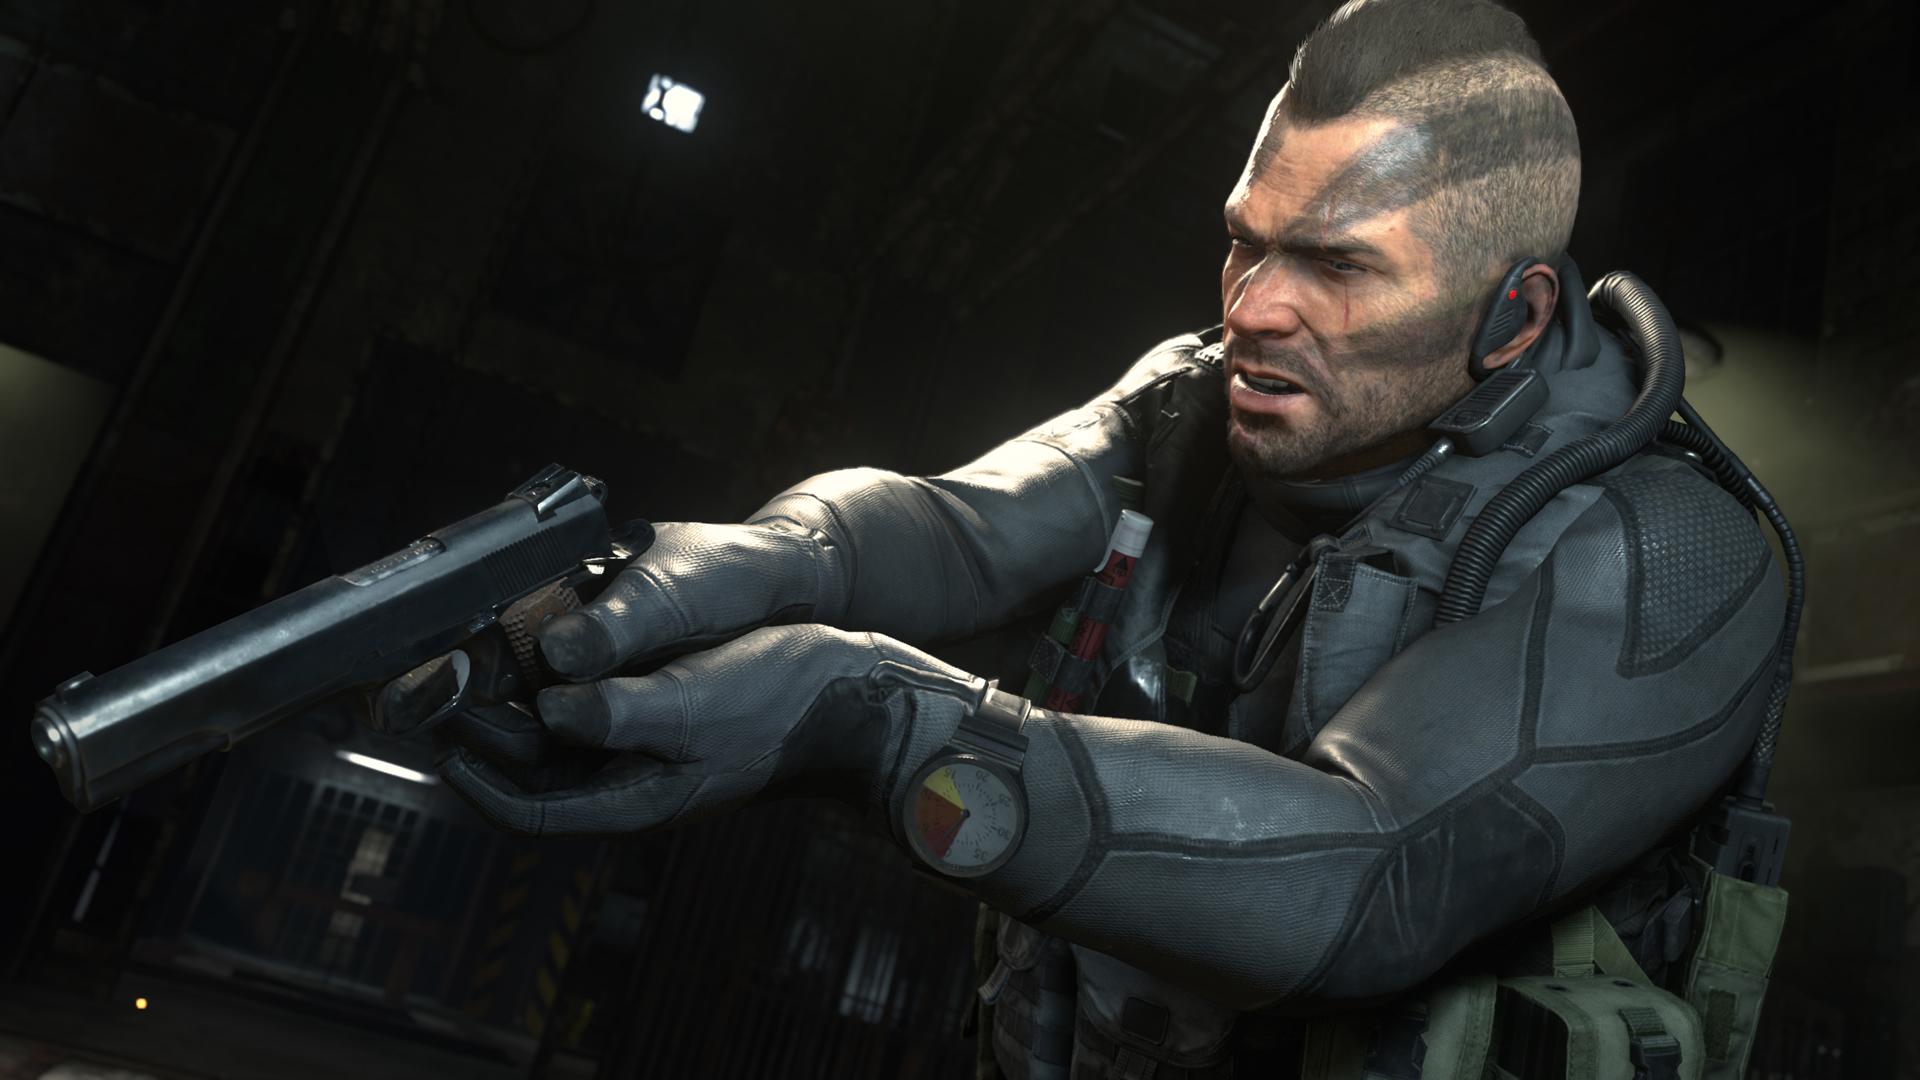 Activision explica por qué Call of Duty: Modern Warfare 2 Remastered omite el modo multijugador y las operaciones especiales 2